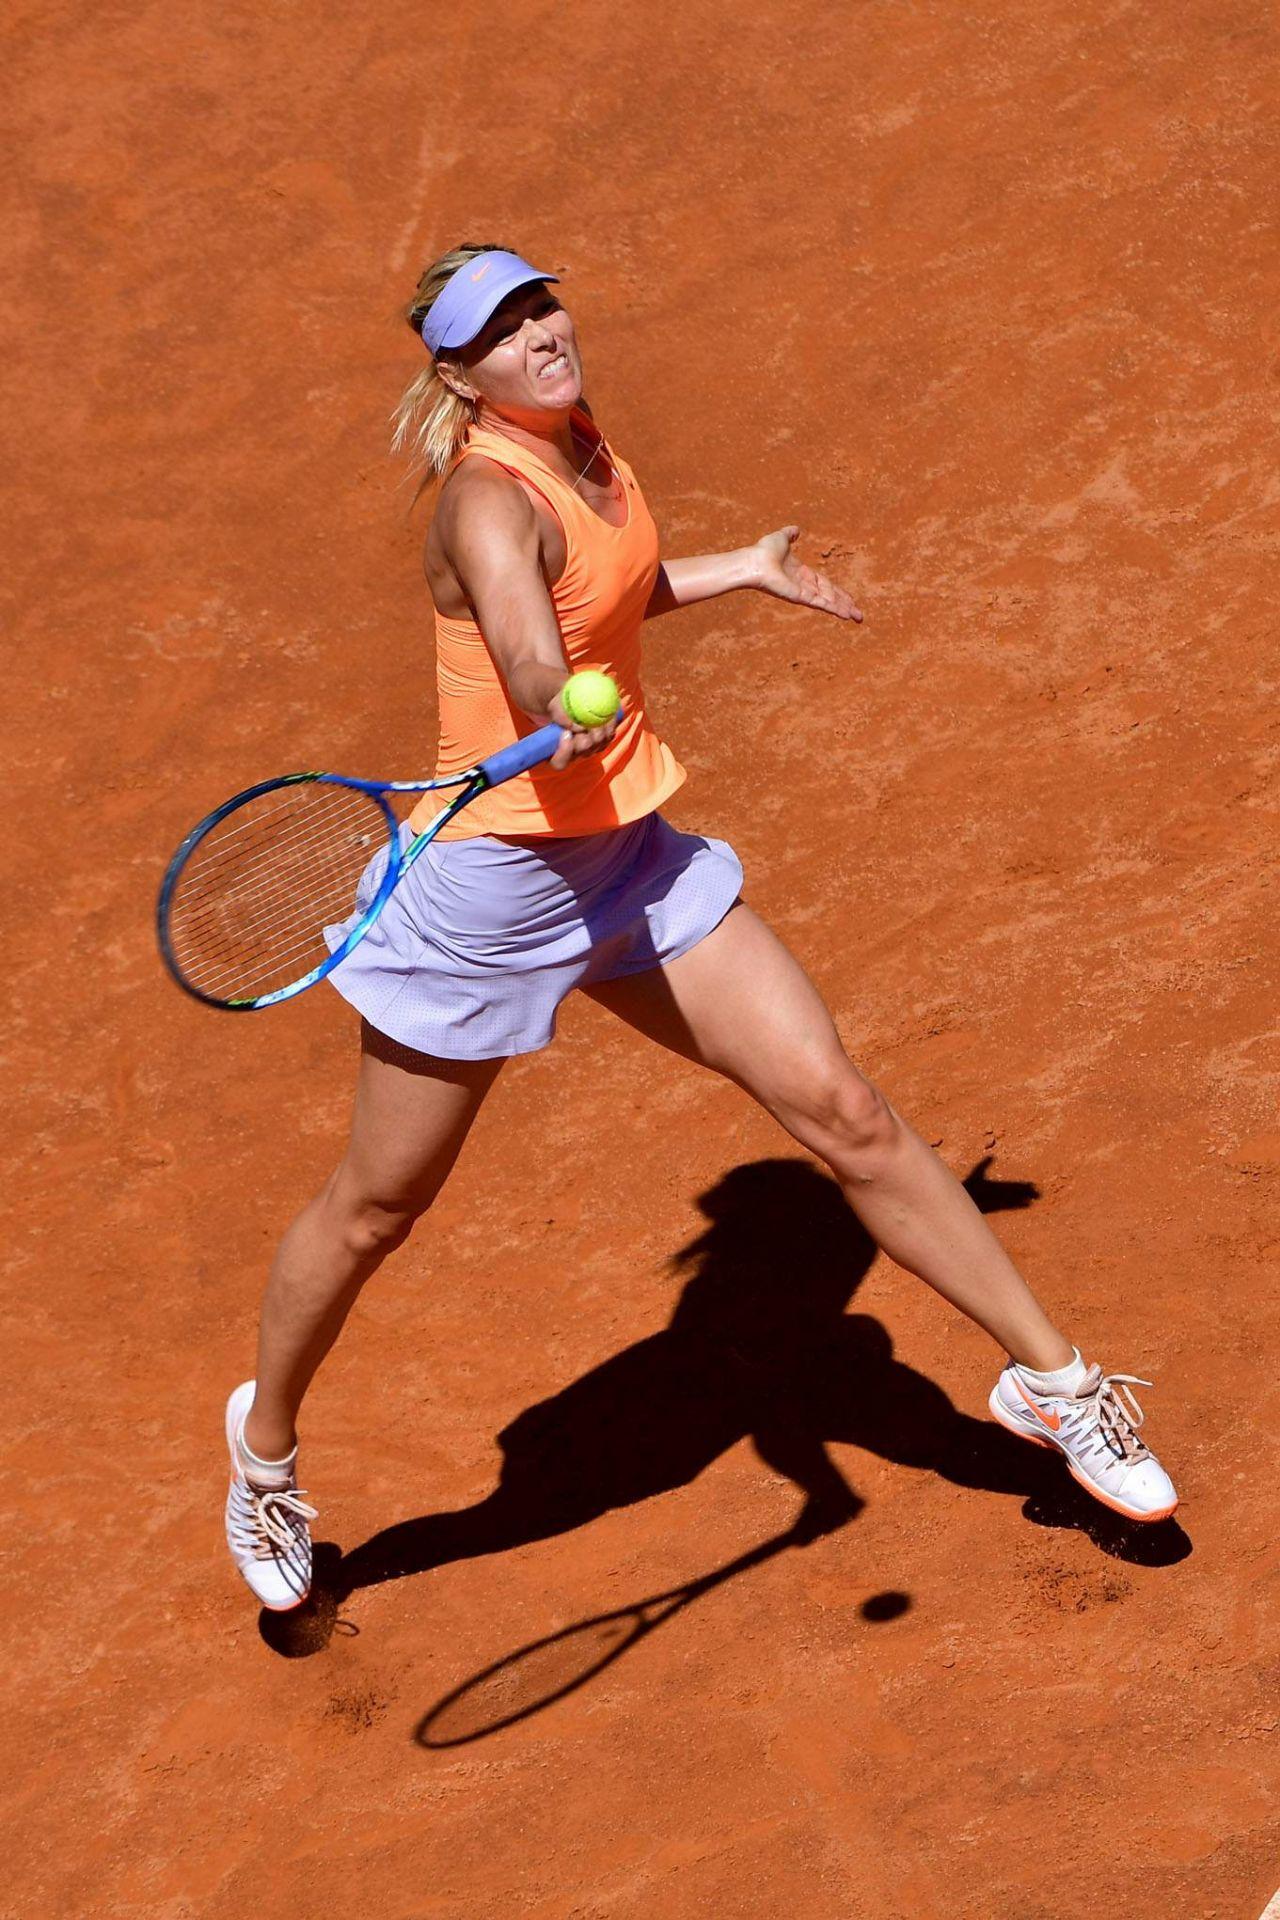 Maria Sharapova At The Italian Open In Rome 05 15 2017